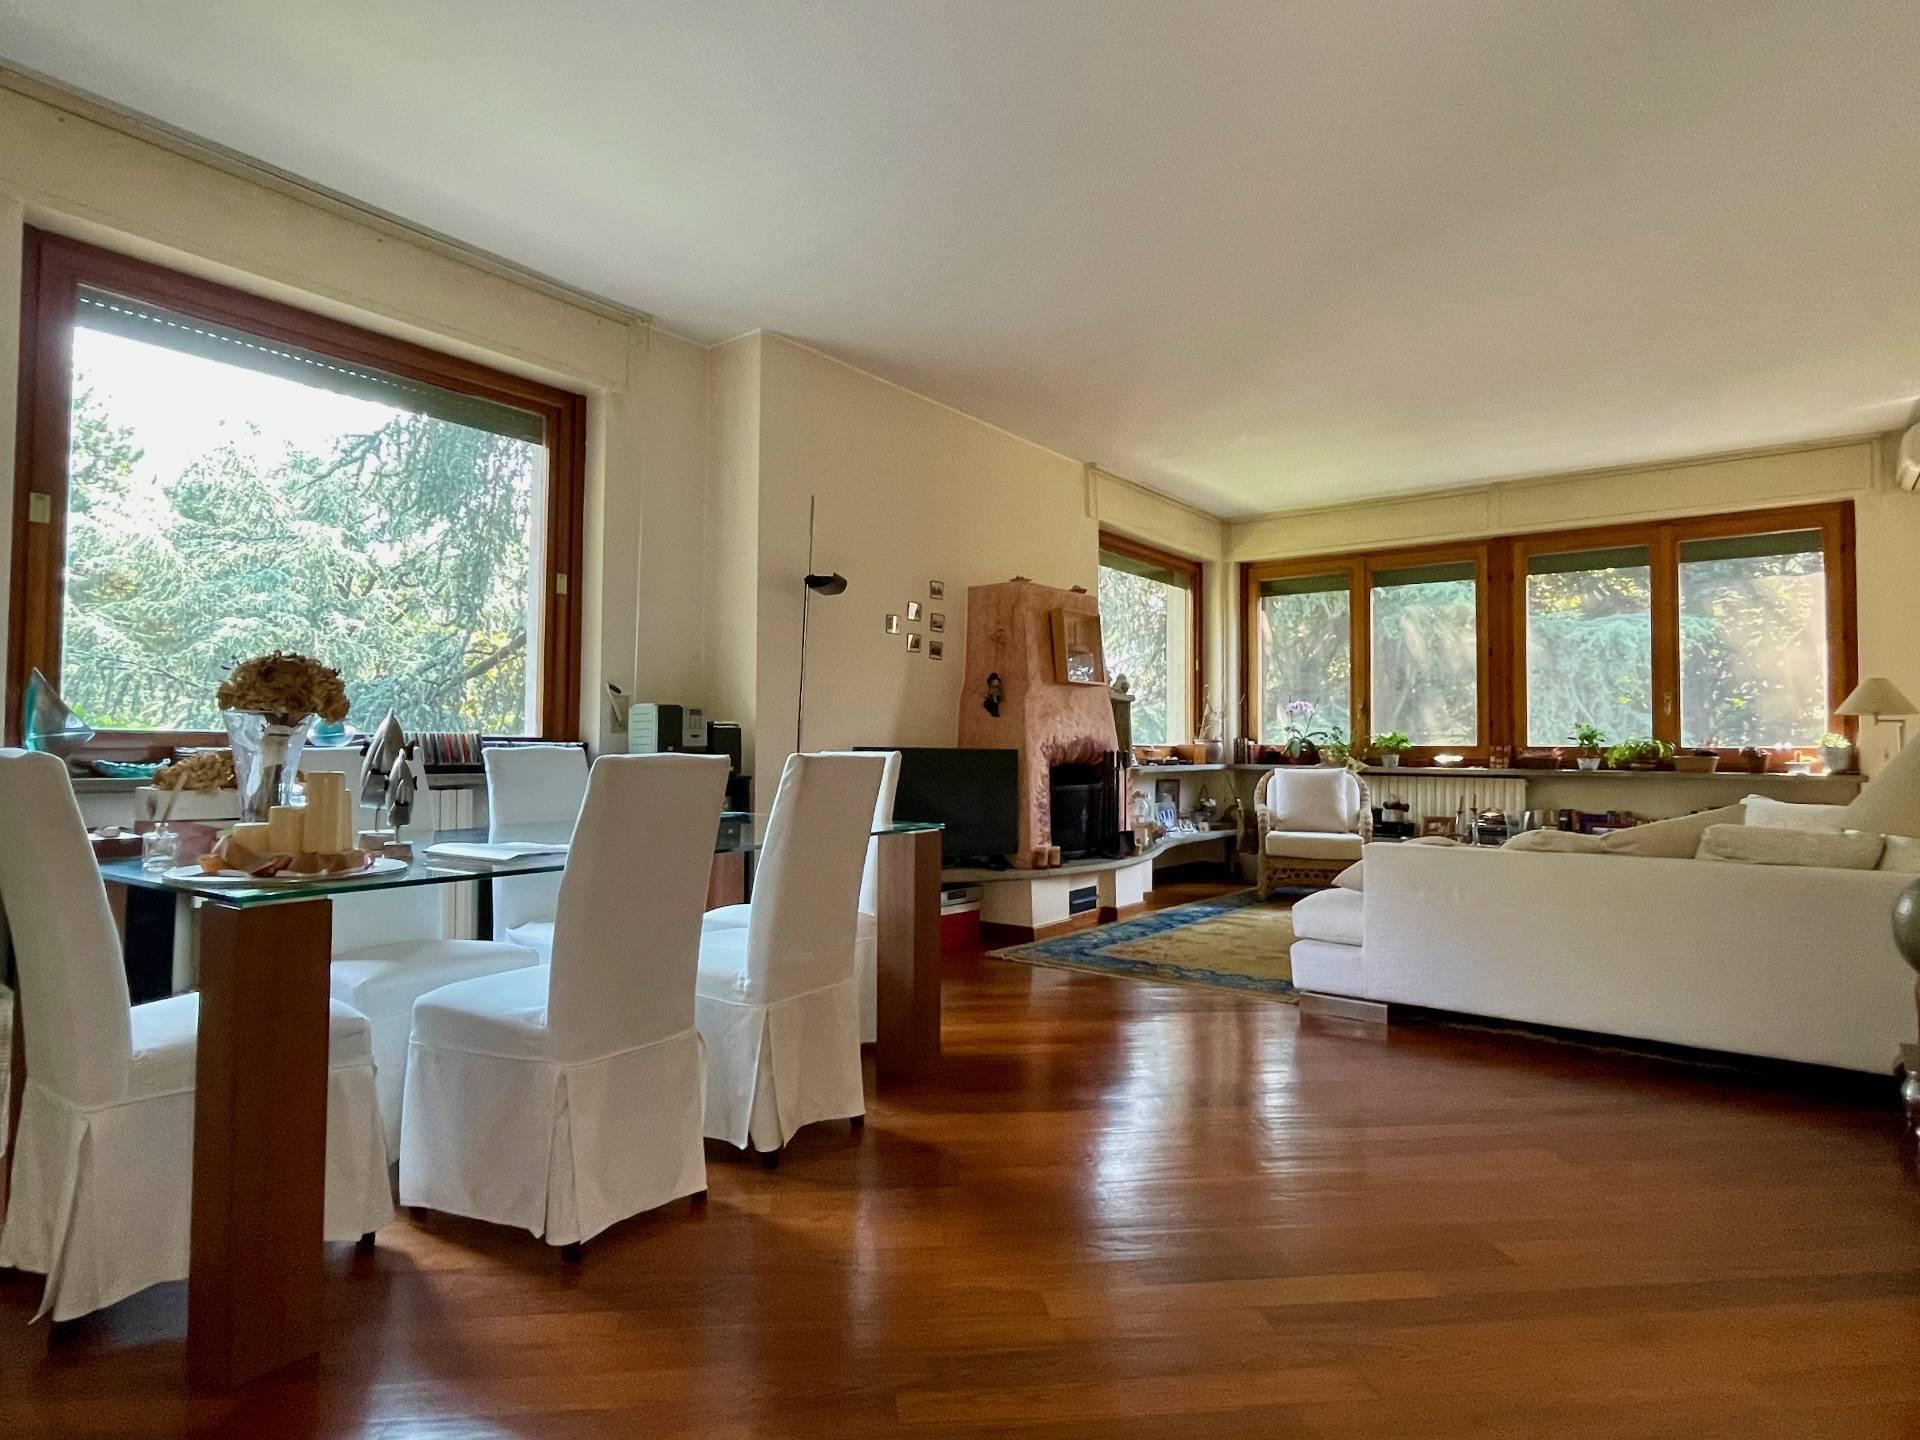 Vendita Quadrilocale Appartamento Cinisello Balsamo 276670